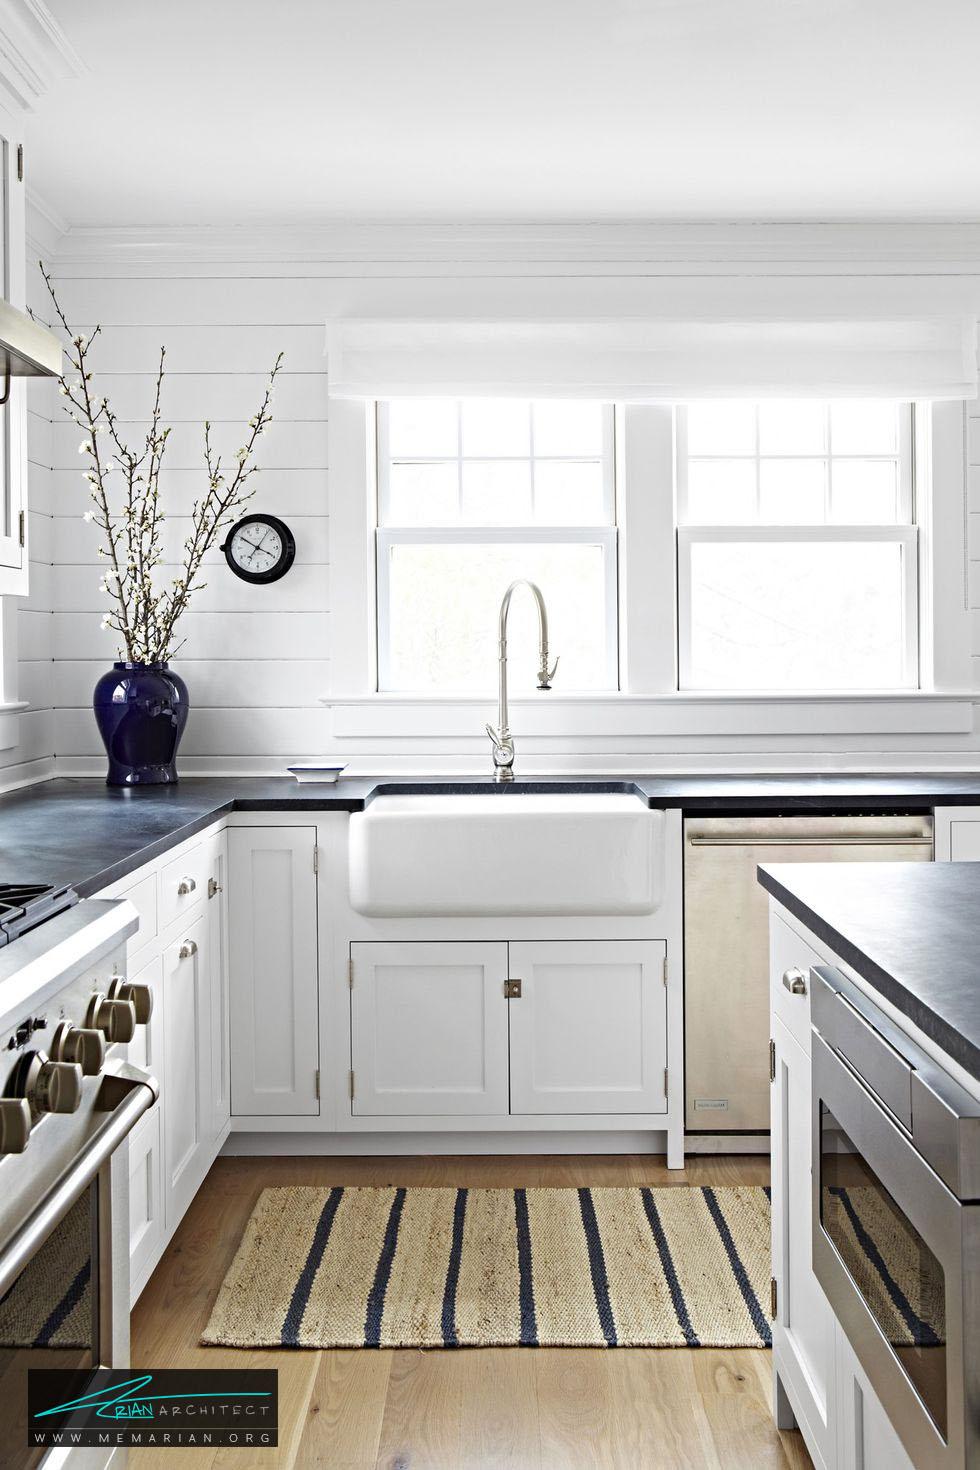 چیدمان دکوراسیون آشپزخانه ساده و مفید - 20 ایده جذاب برای چیدمان دکوراسیون آشپزخانه